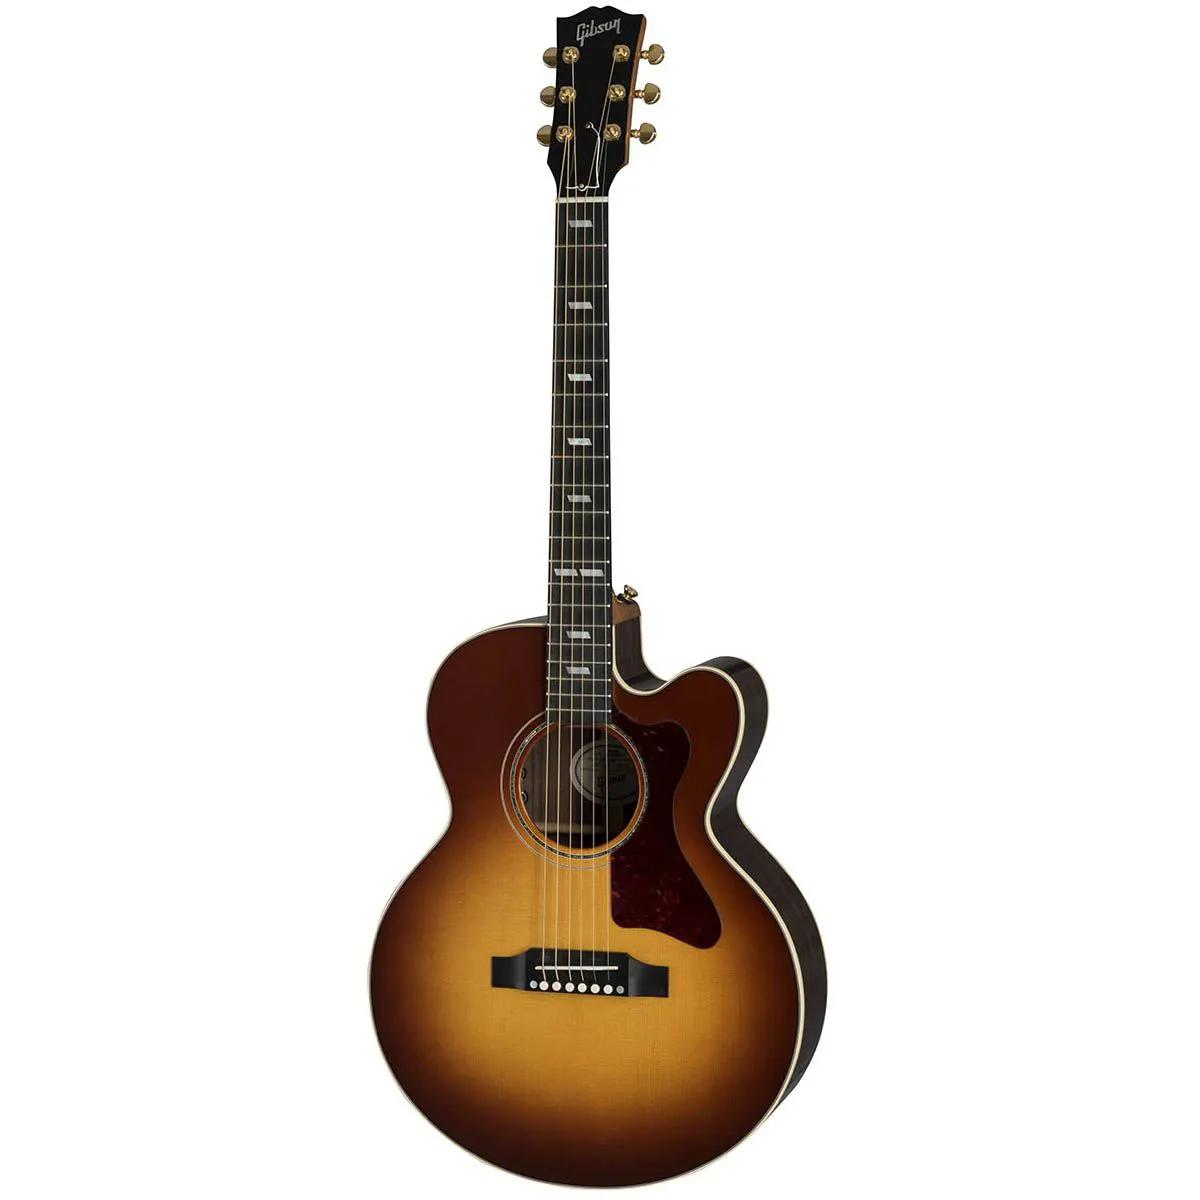 Violão Gibson Parlor Rosewood Burst AG 2018 Antique Natural